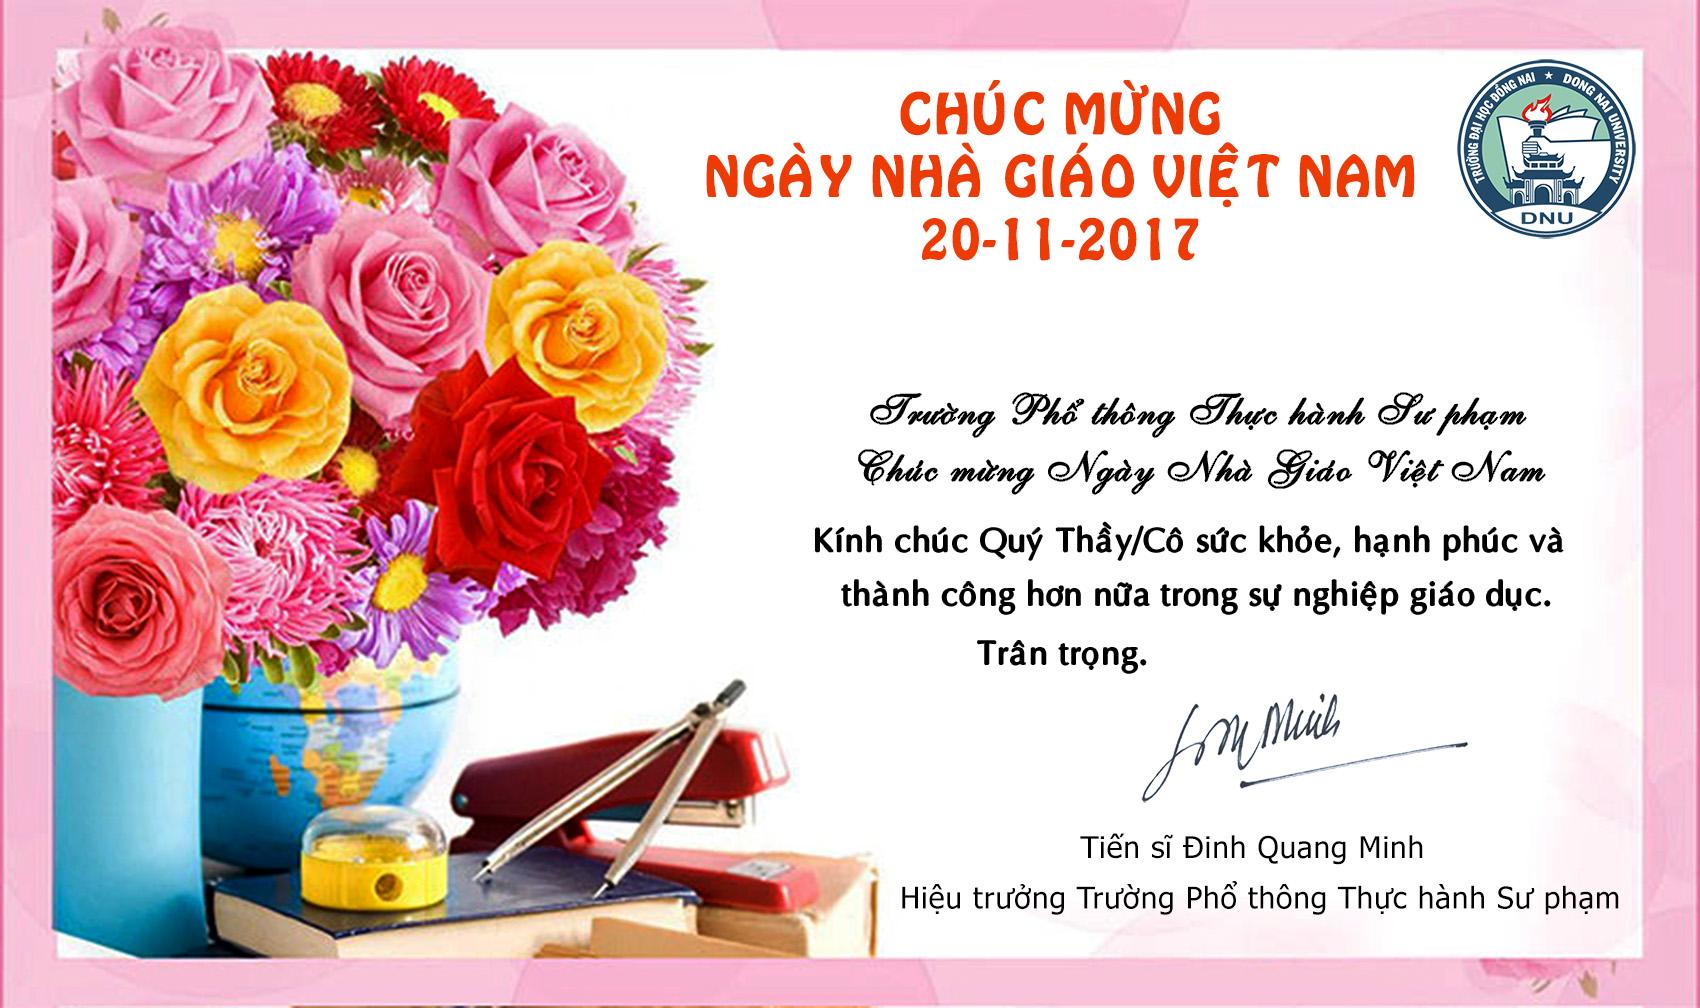 Ảnh mừng ngày nhà giáo Việt Nam hay nhất